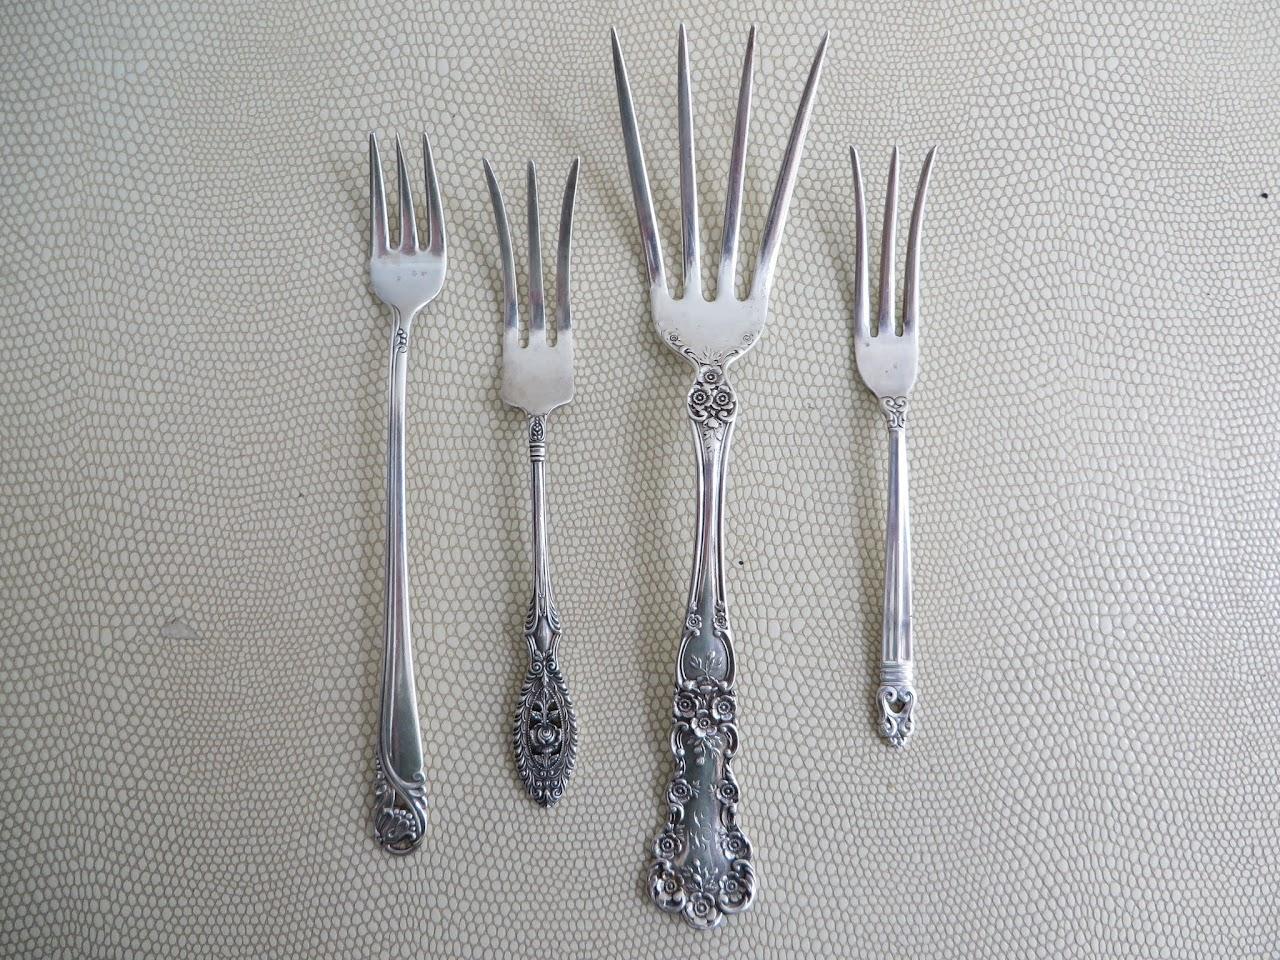 Sterling Silver Serving Fork Set